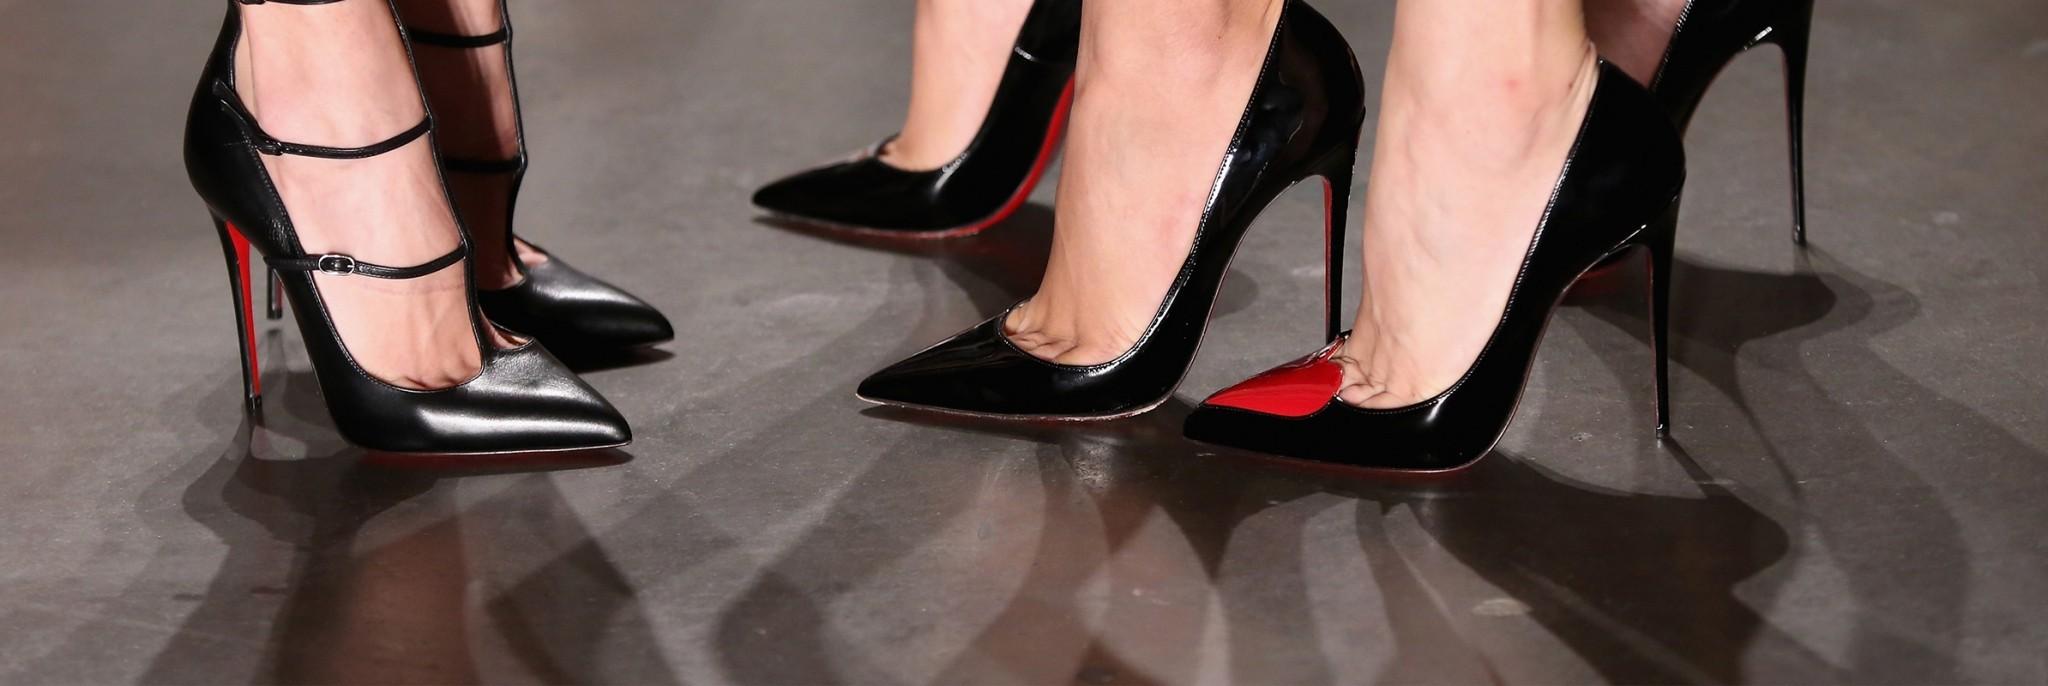 دليل Savoir Flair لأجمل أحذية الكعب العالي من الصباح حتى المساء